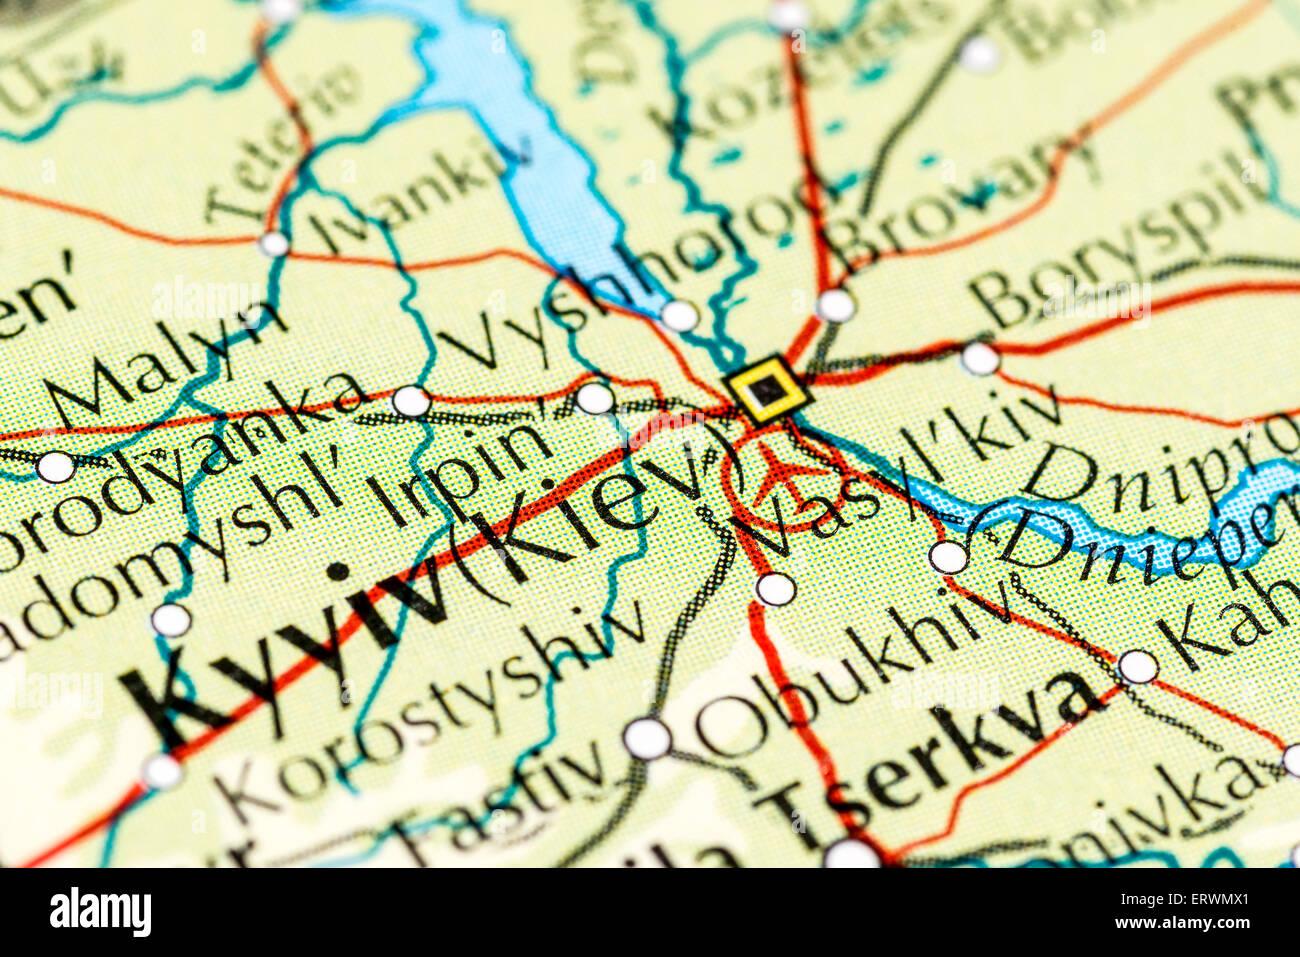 Kiev Ukraine Europe Map Stock Photos Kiev Ukraine Europe Map Stock